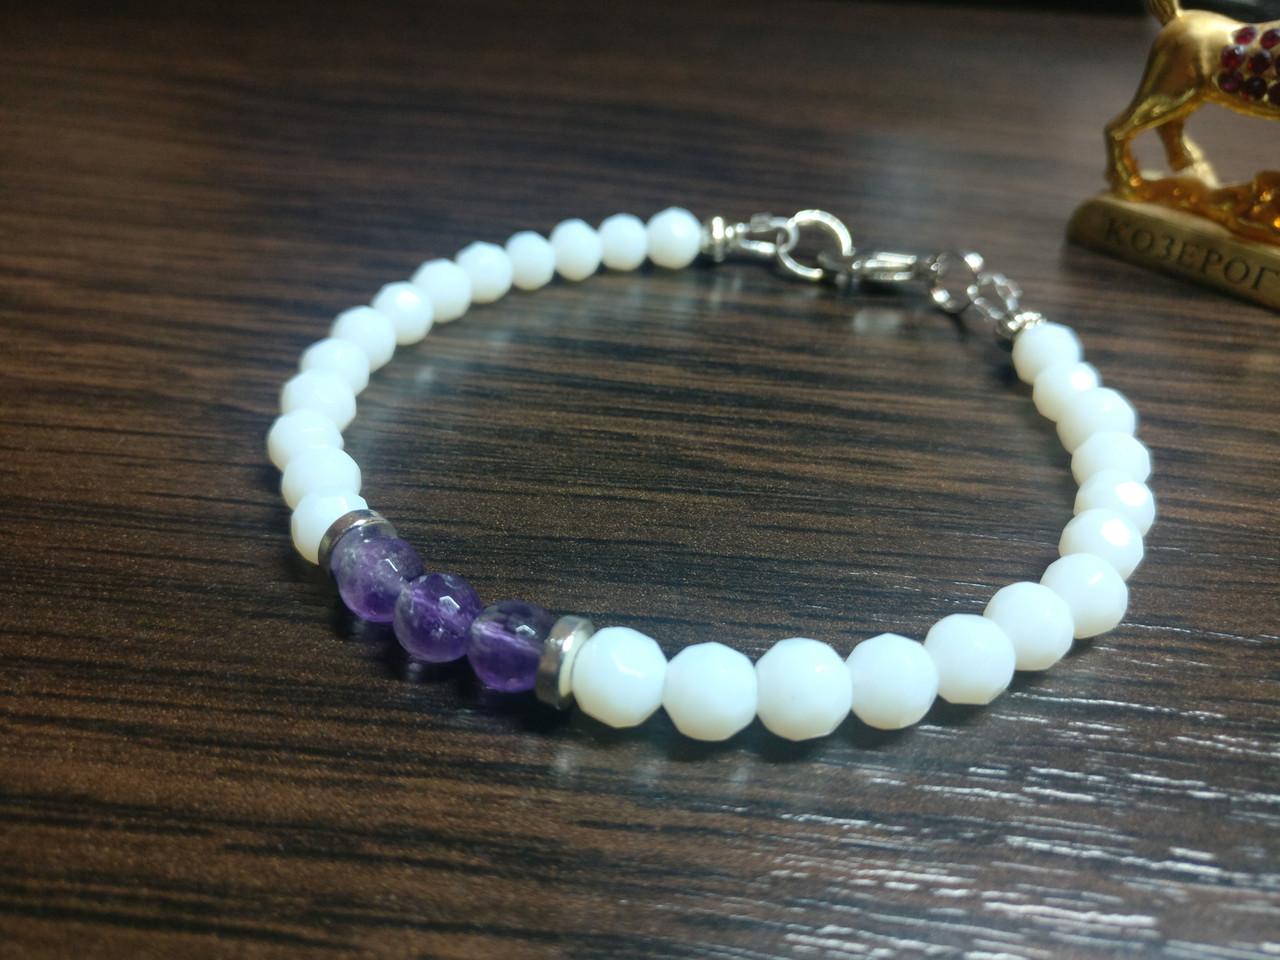 Браслет из белого агата и аметиста, мужской браслет из натурального камня, мужской браслет